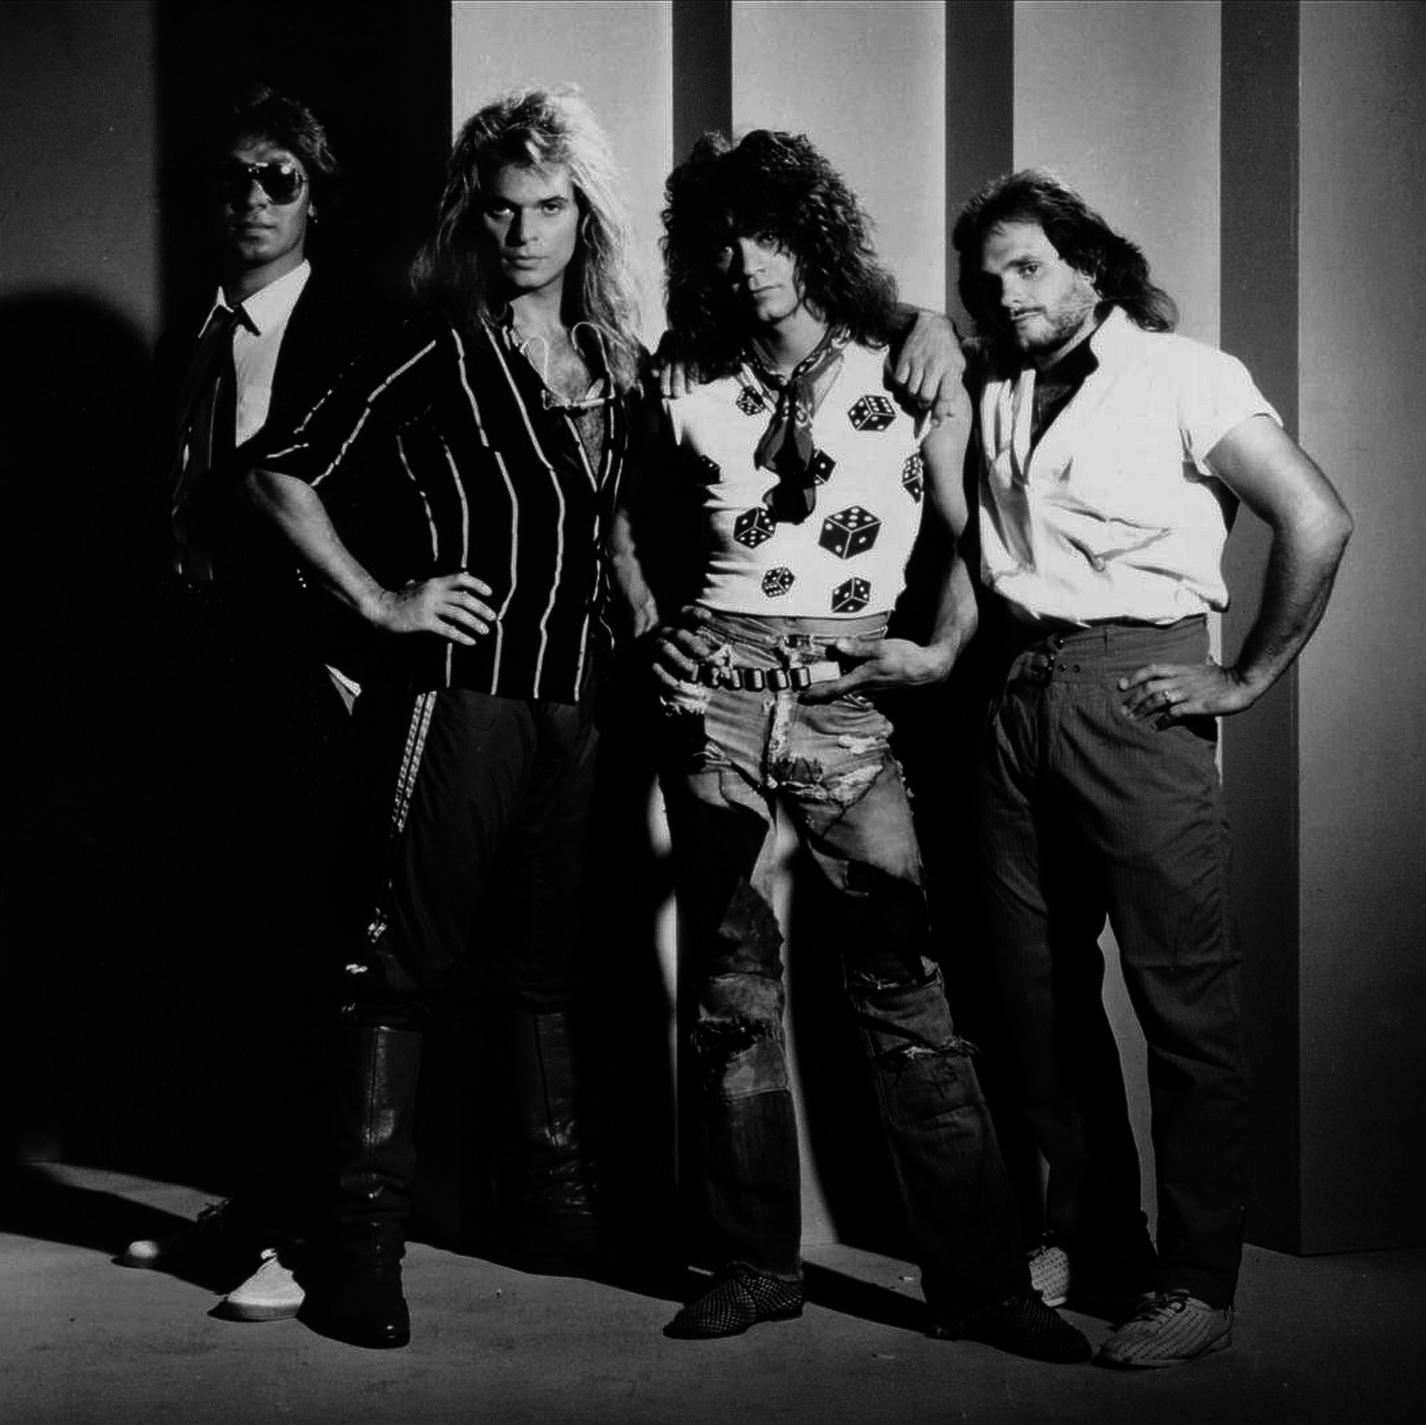 Van Halen S Debut Album Classic Rock Review Album Of The Year For 1978 Http Www Classicrockreview Com 2013 10 197 Van Halen Eddie Van Halen David Lee Roth